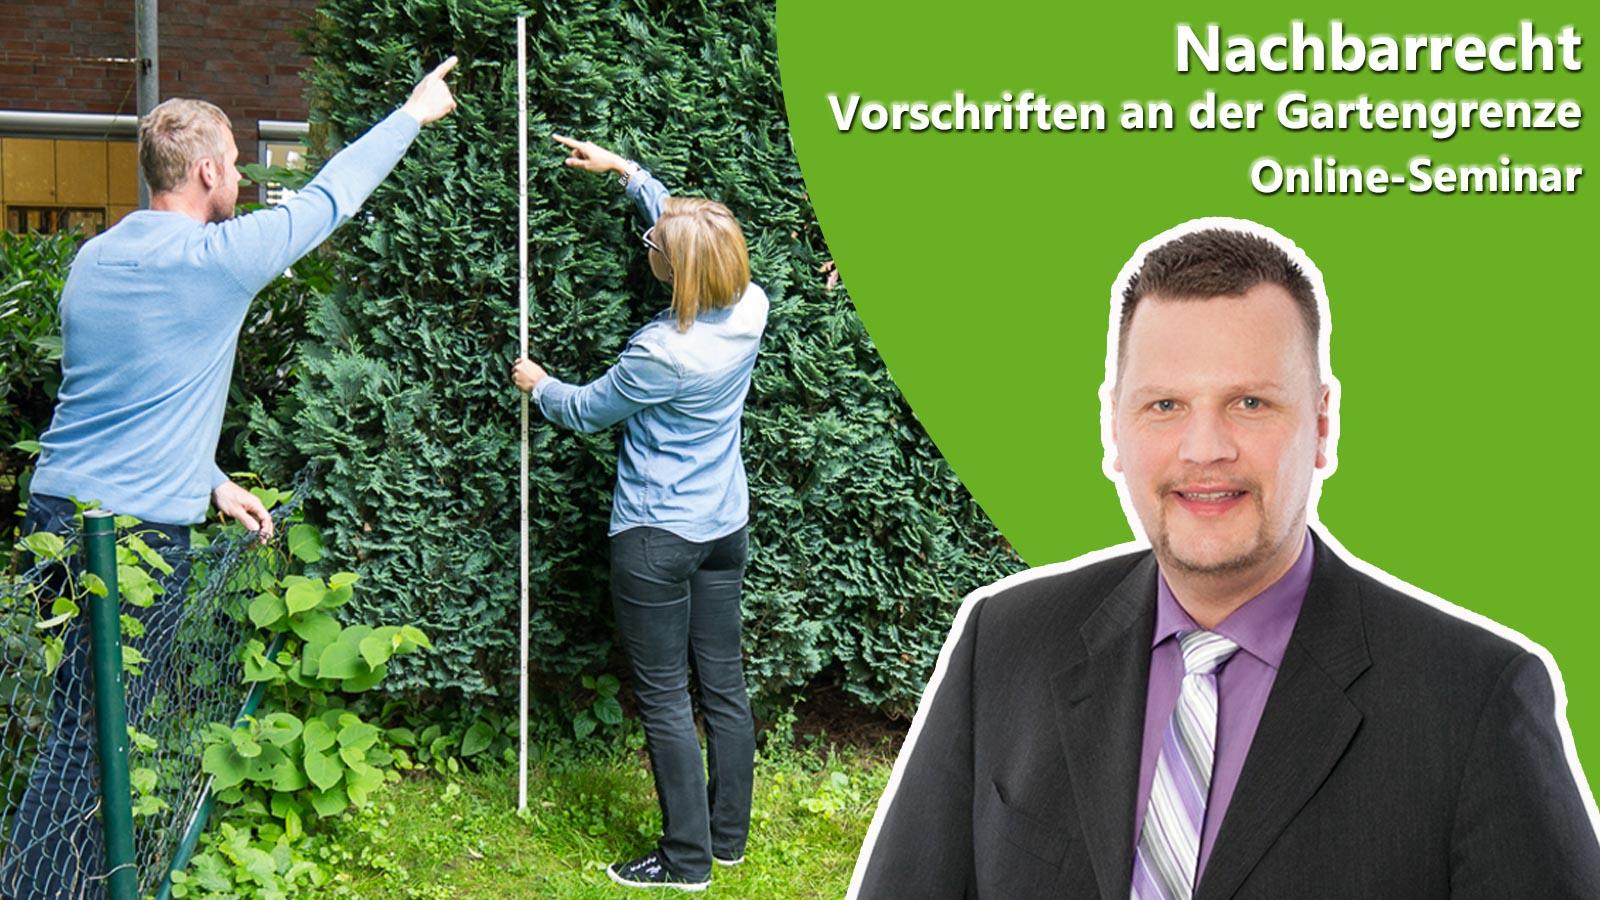 Referent Stephan Dingler als Ankündigung für das Online-Seminar Nachbarrecht